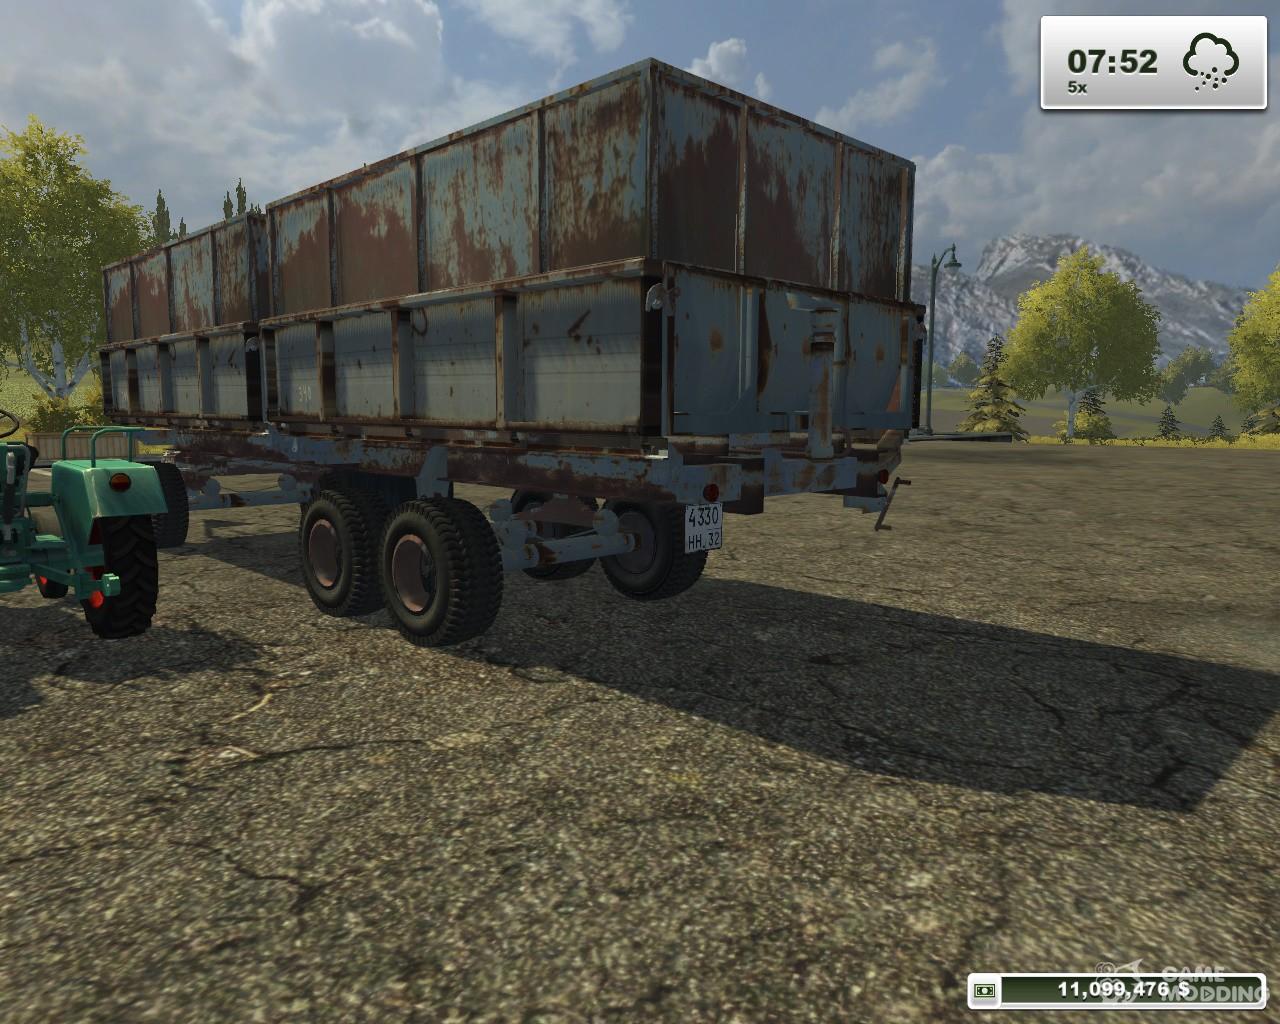 Скачать моди до farming simulator 2018 птс